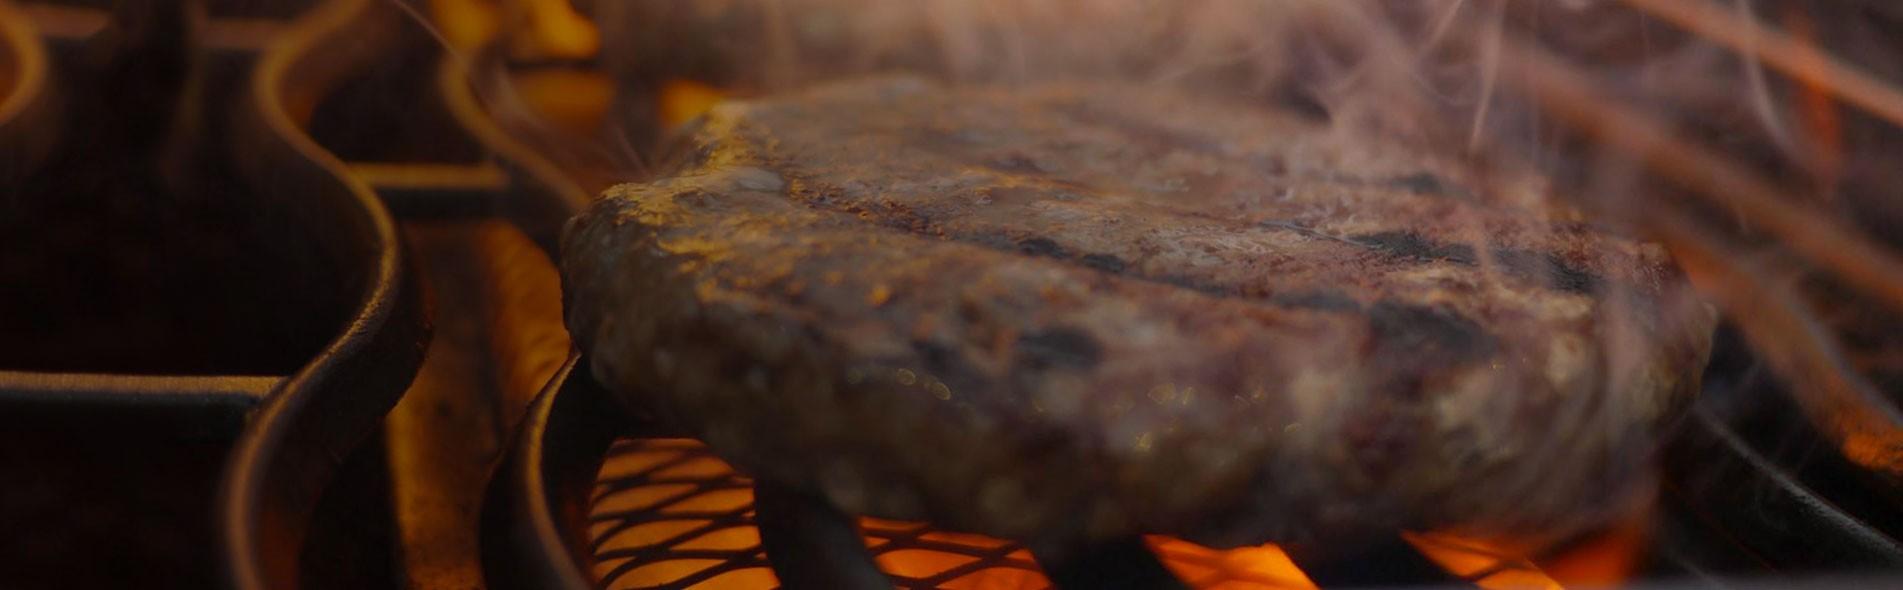 Meatbros, découvrez nos burgers ! 100% boeuf, poulet ou mixte